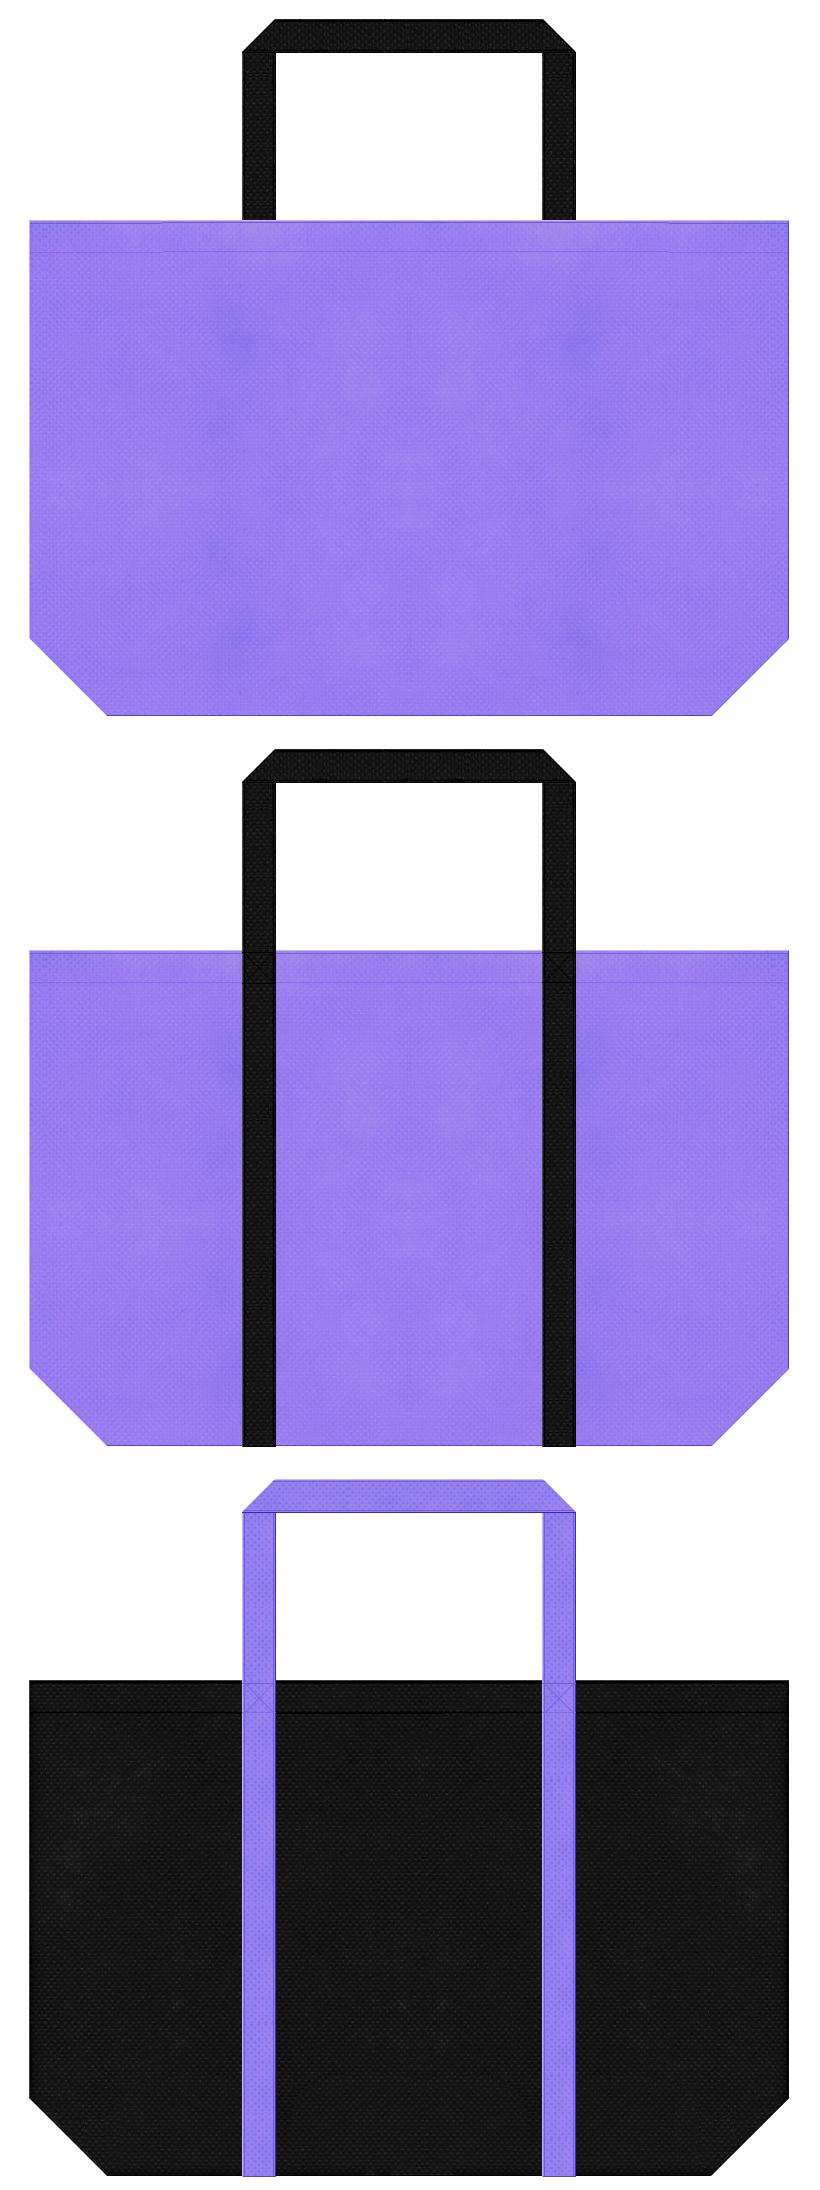 薄紫色と黒色の不織布バッグデザイン。コスプレ衣装・ウィッグ・ヘアトリートメントのショッピングバッグにお奨めです。